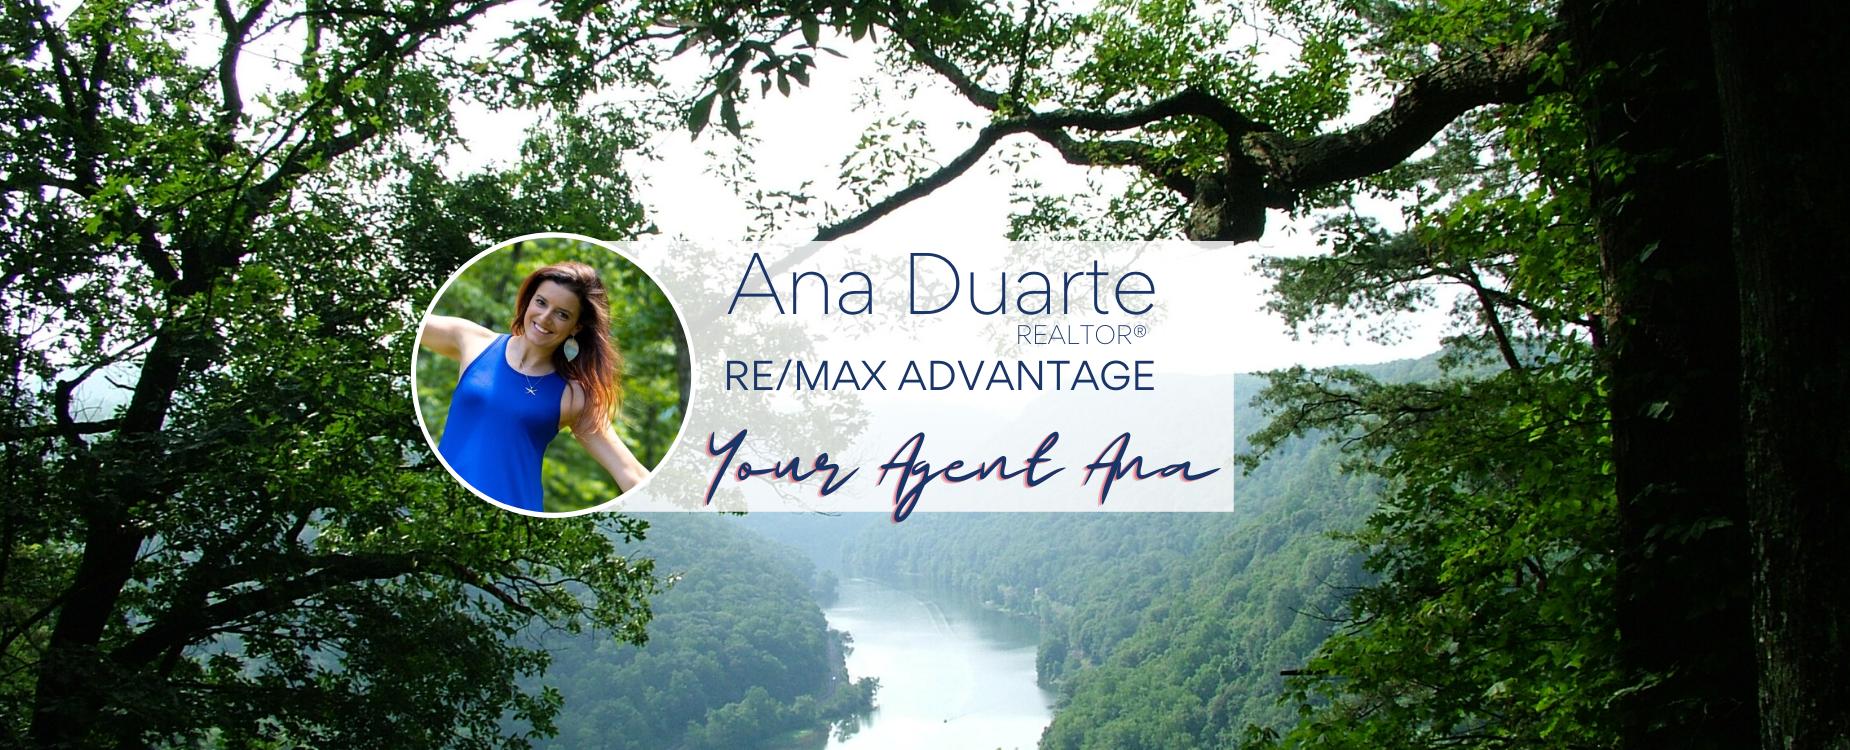 Ana Duarte - RE/MAX VA 4